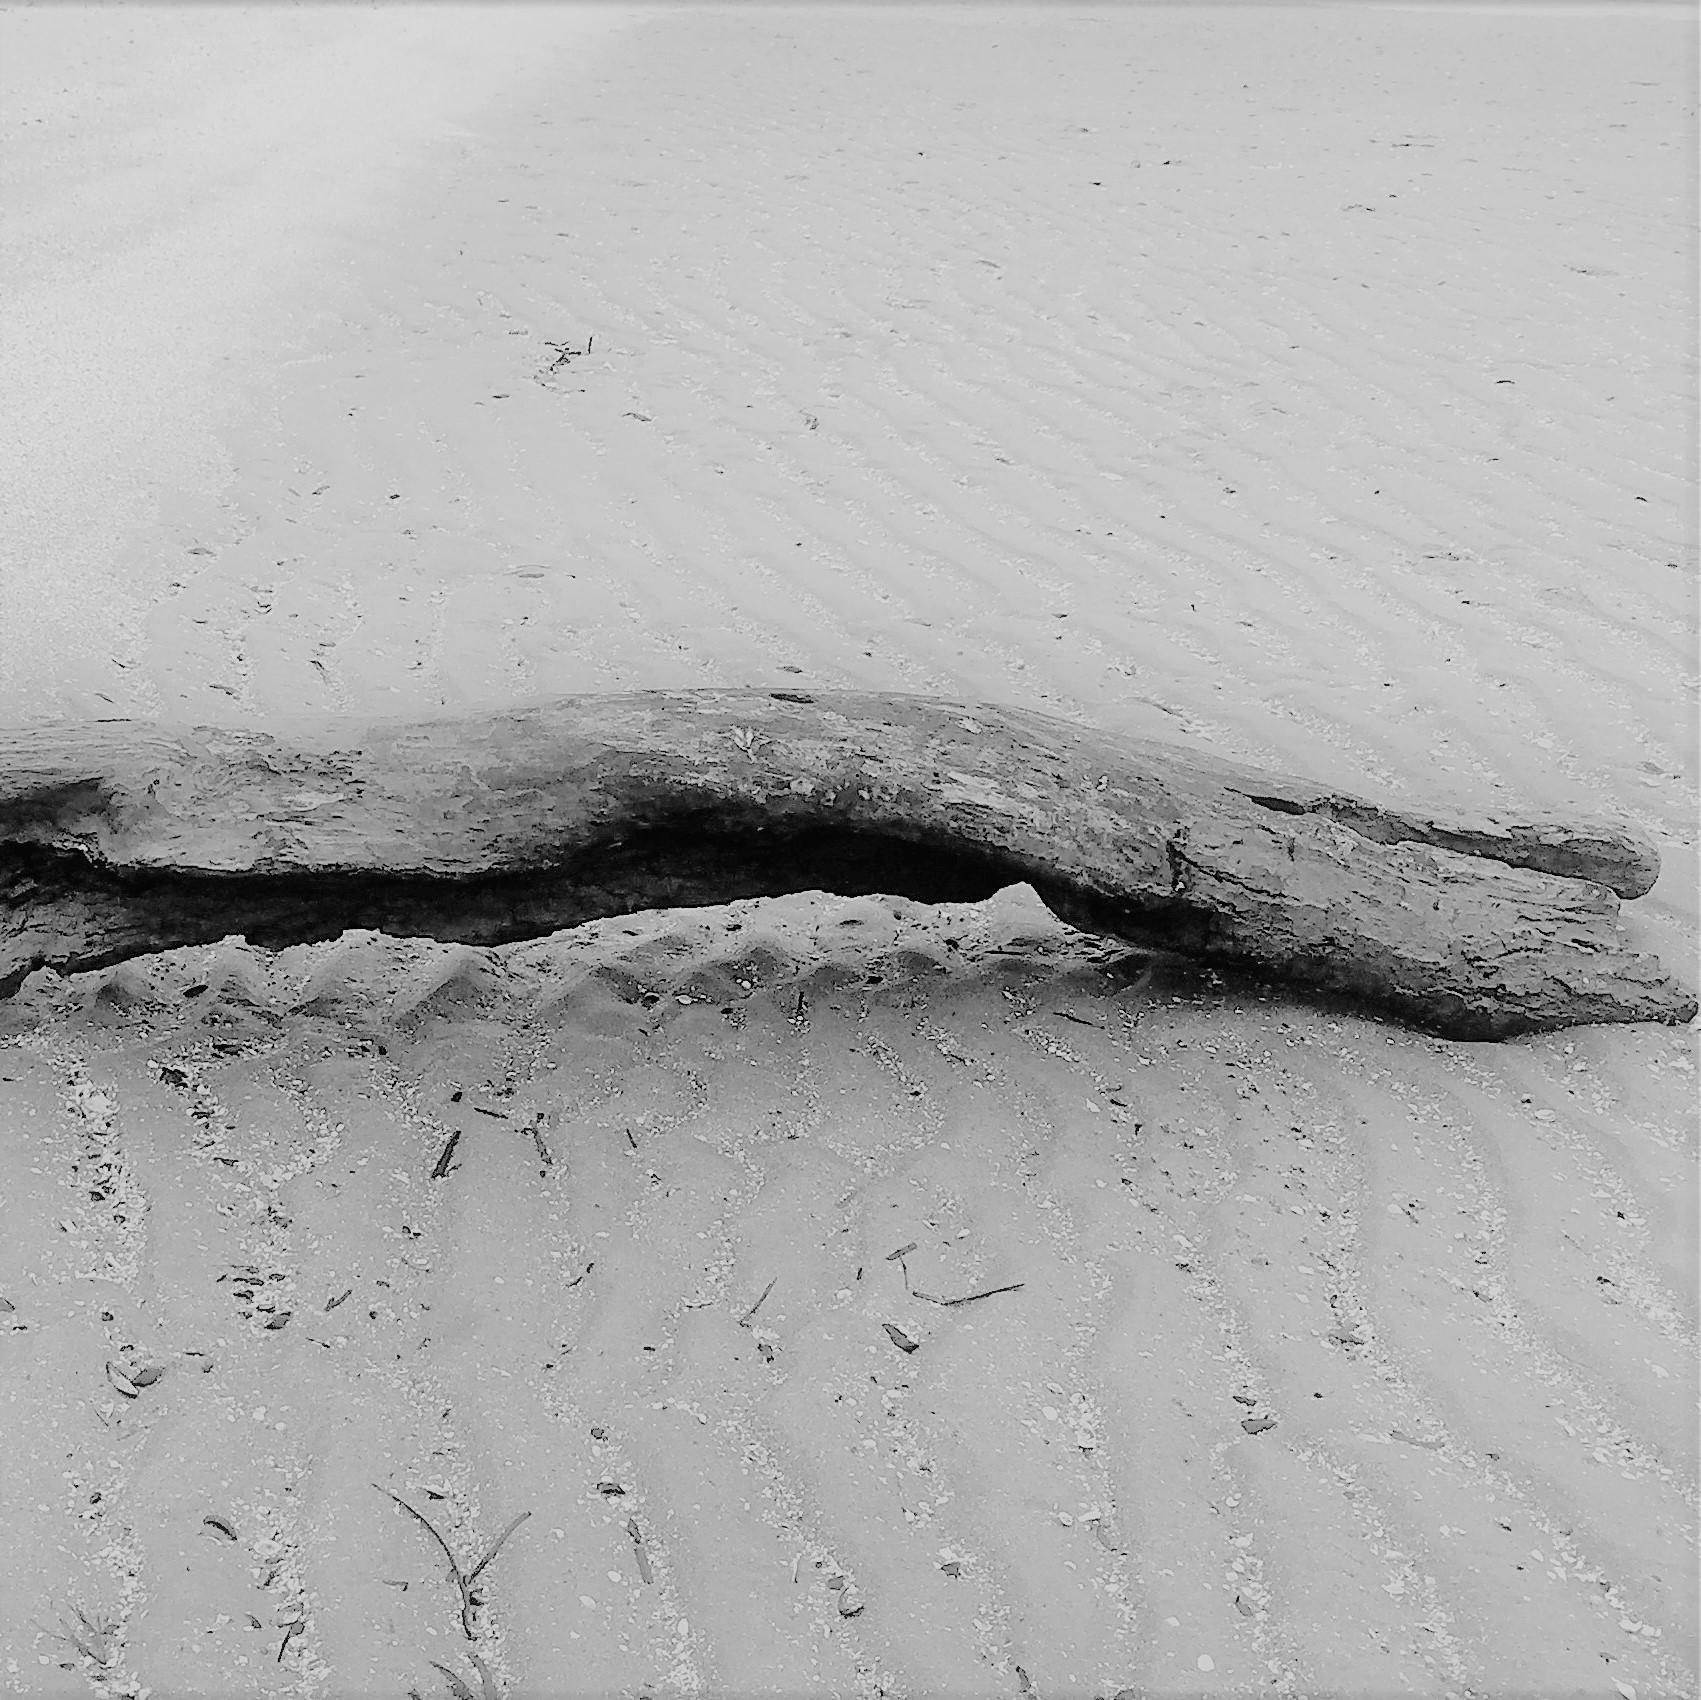 Holzstück am Strand ls Sinnbild für einen Motivationsspruch